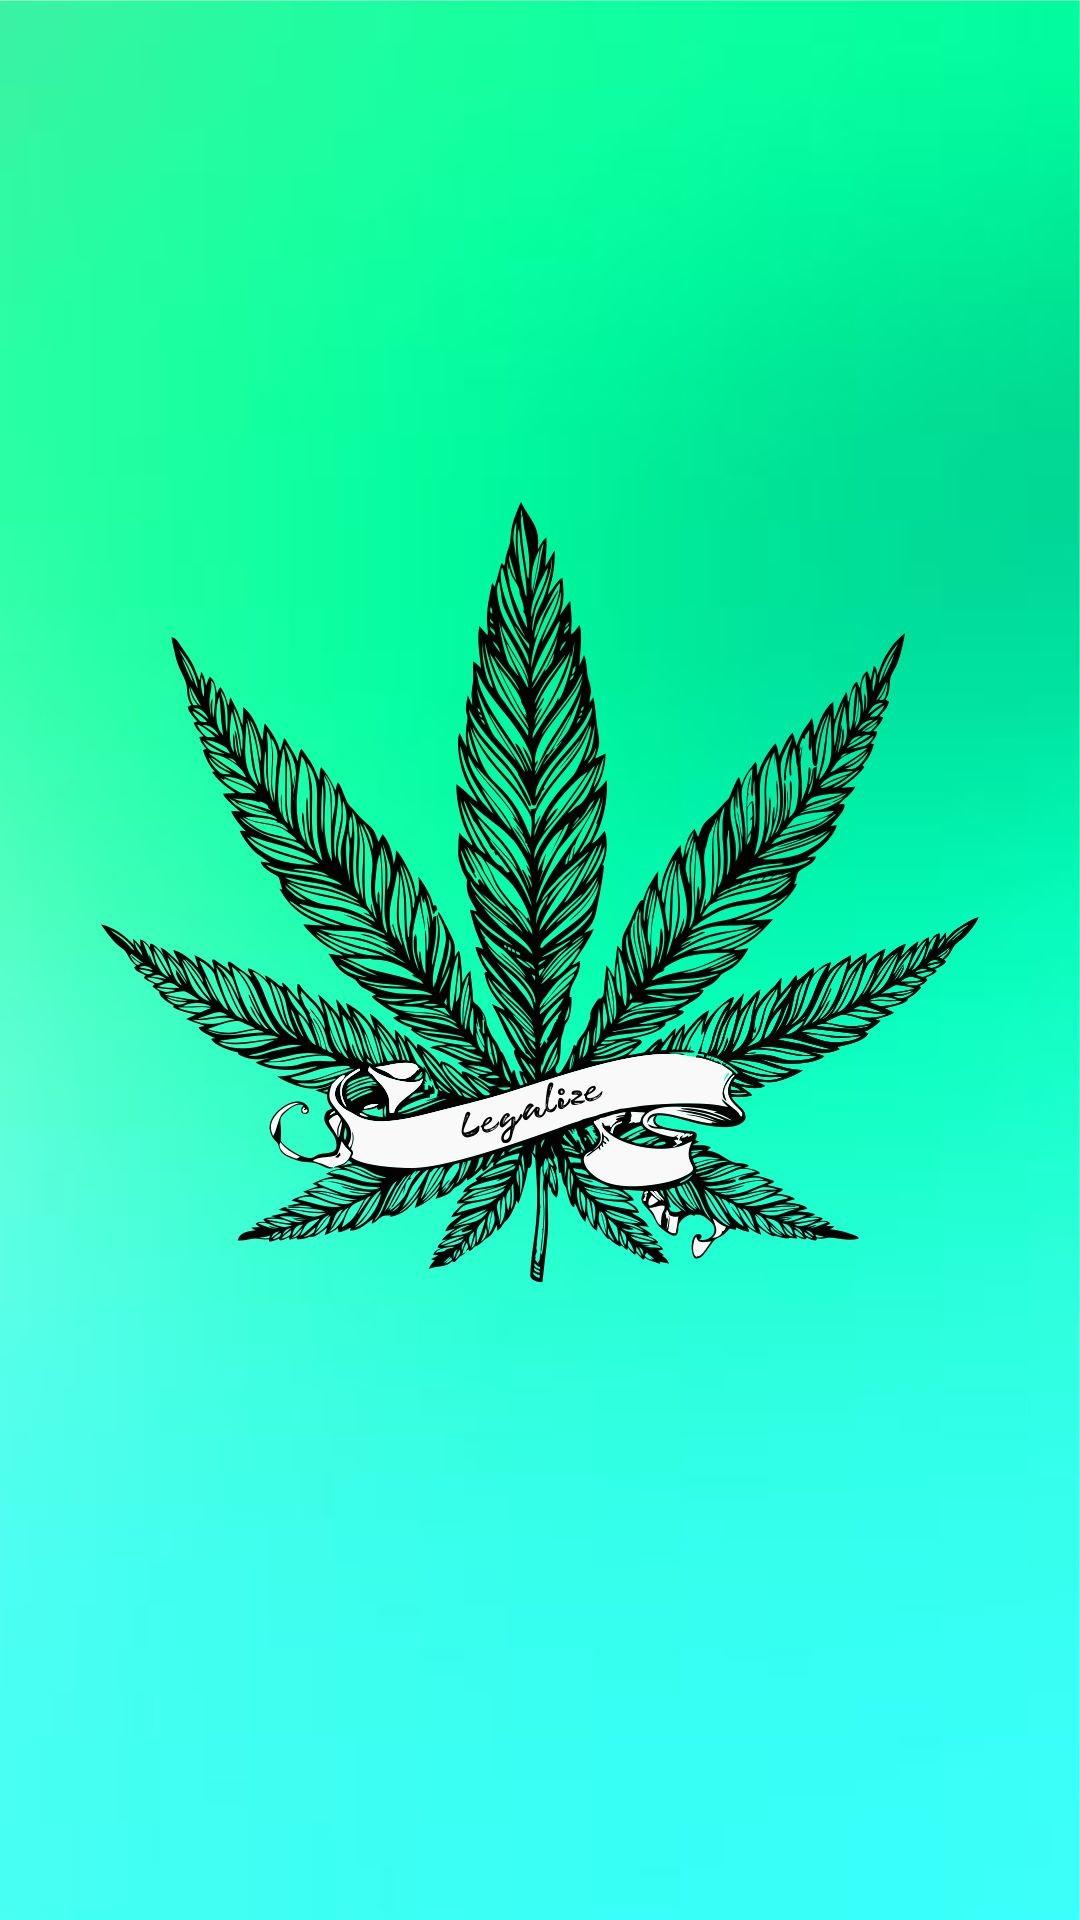 Boobies wallpapers 62 images - Free marijuana desktop backgrounds ...